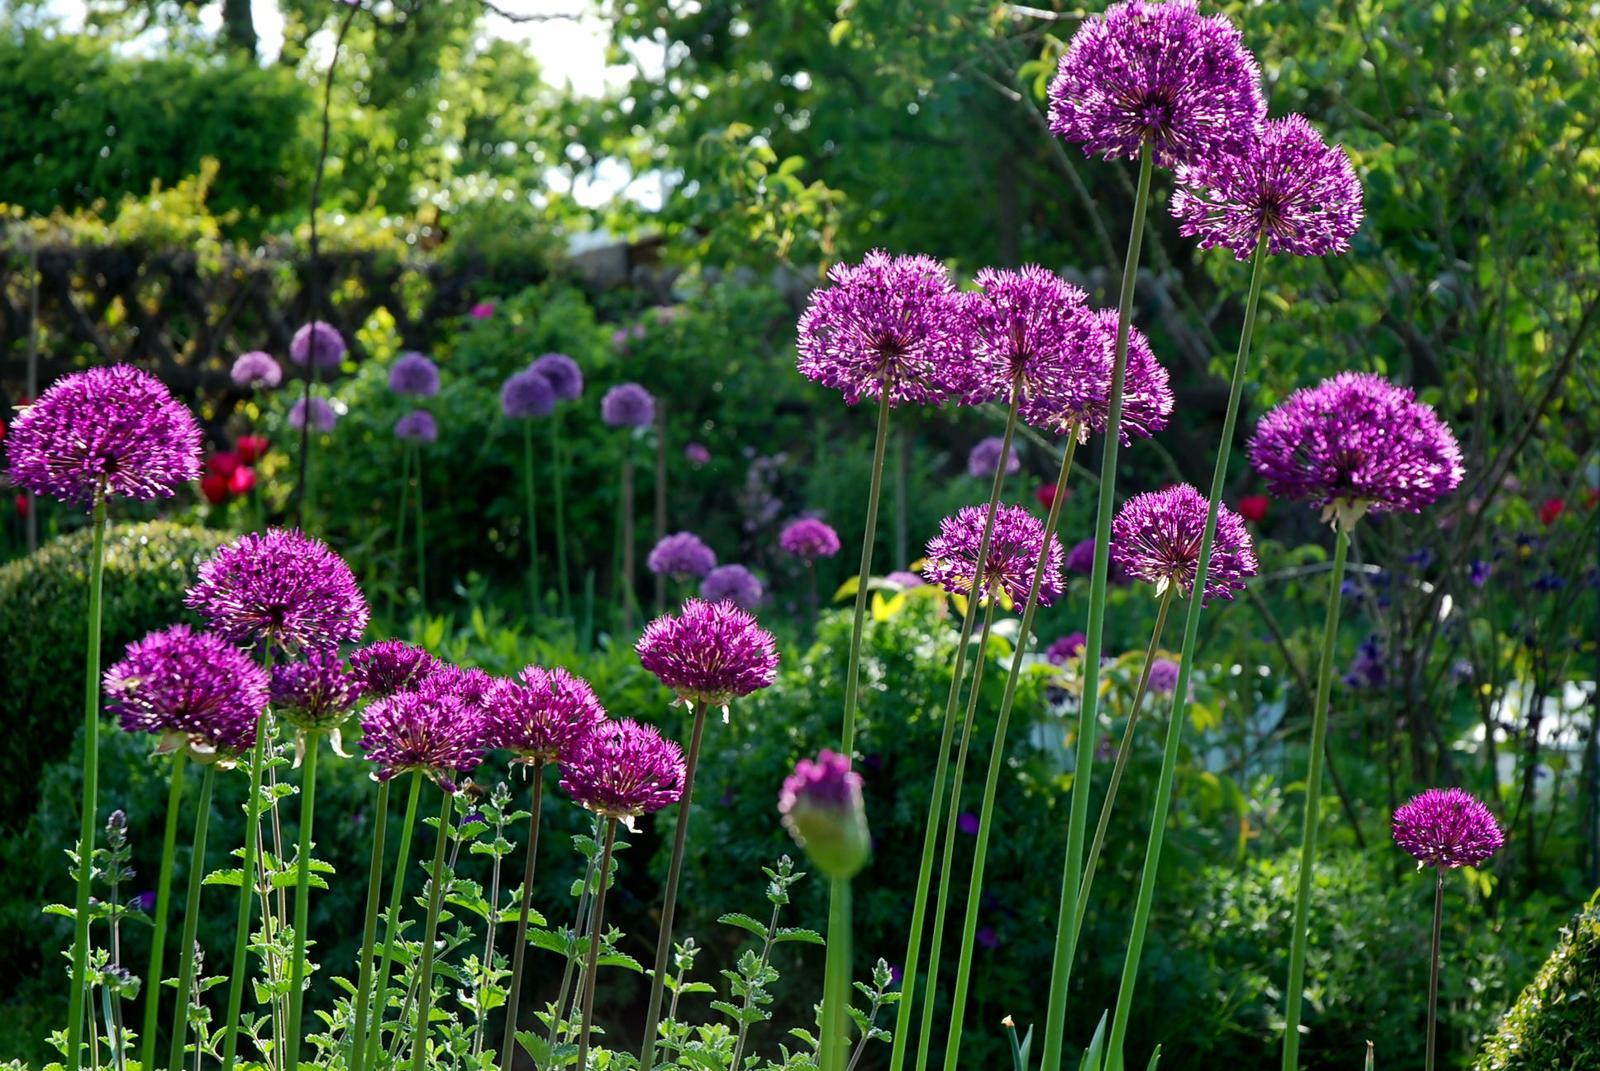 Záhrada,ktorá ťa nikdy neomrzí...divoká a krásna - Obrázok č. 82